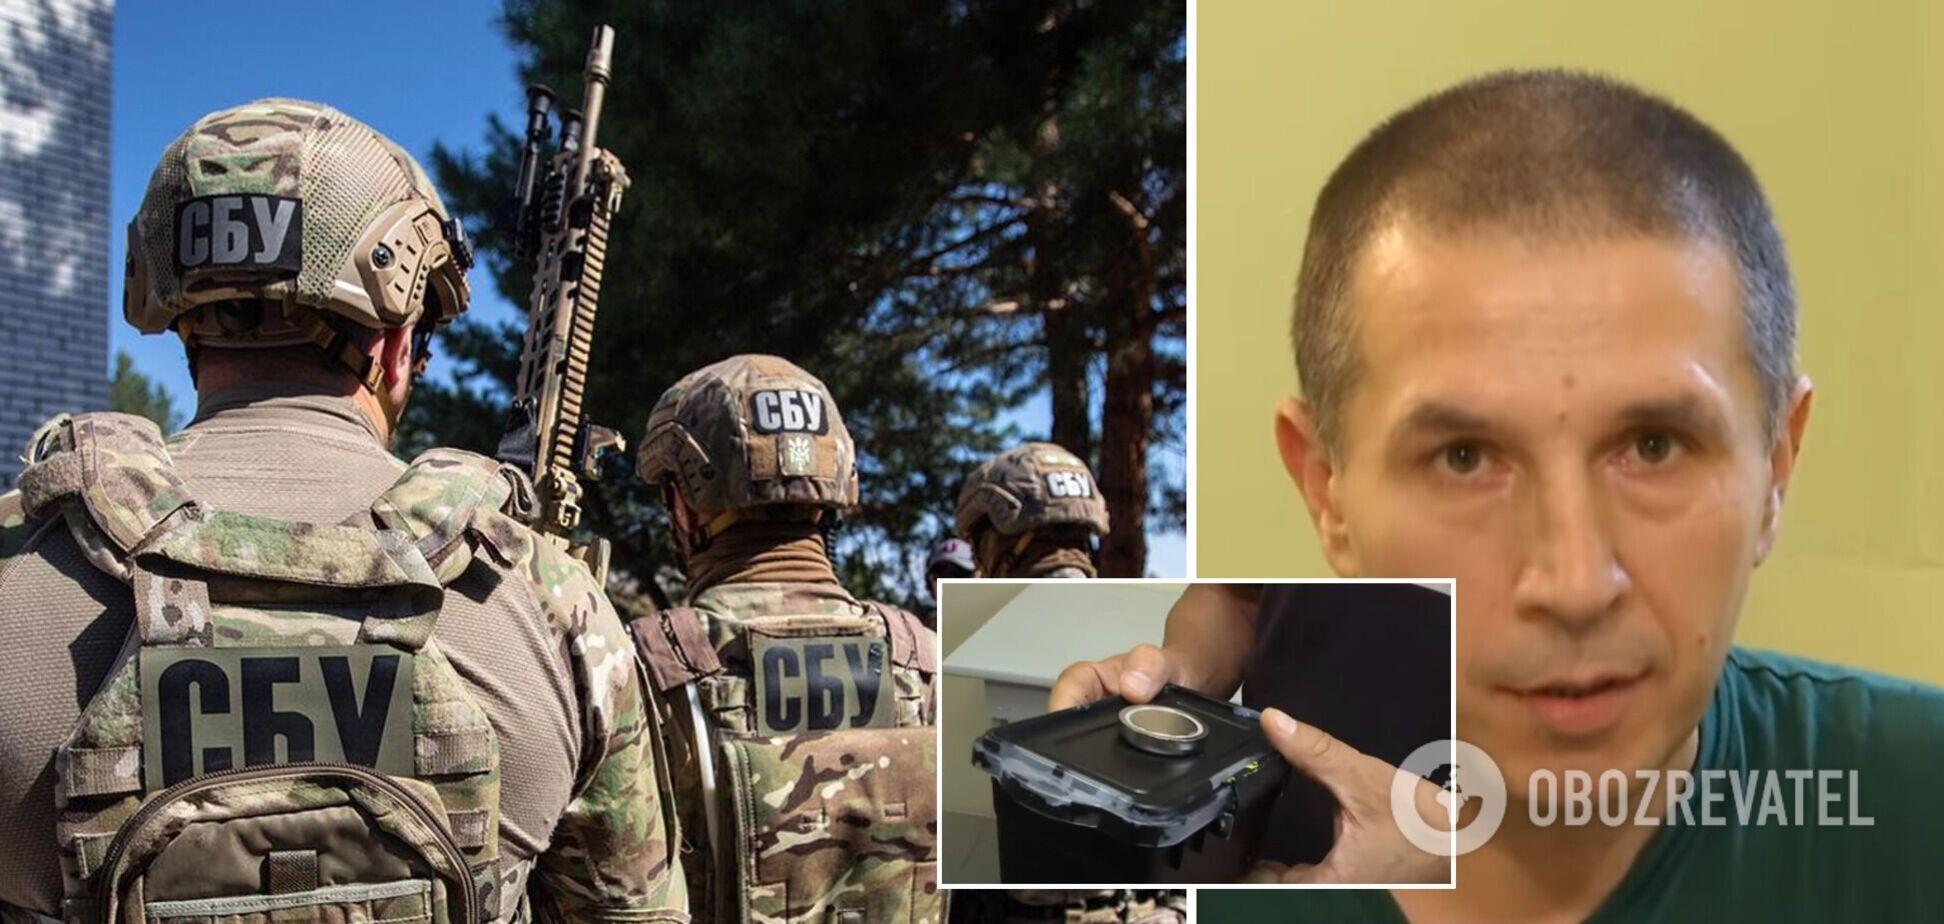 В Украину направили киллера для убийства ученого, который создает секретное оружие